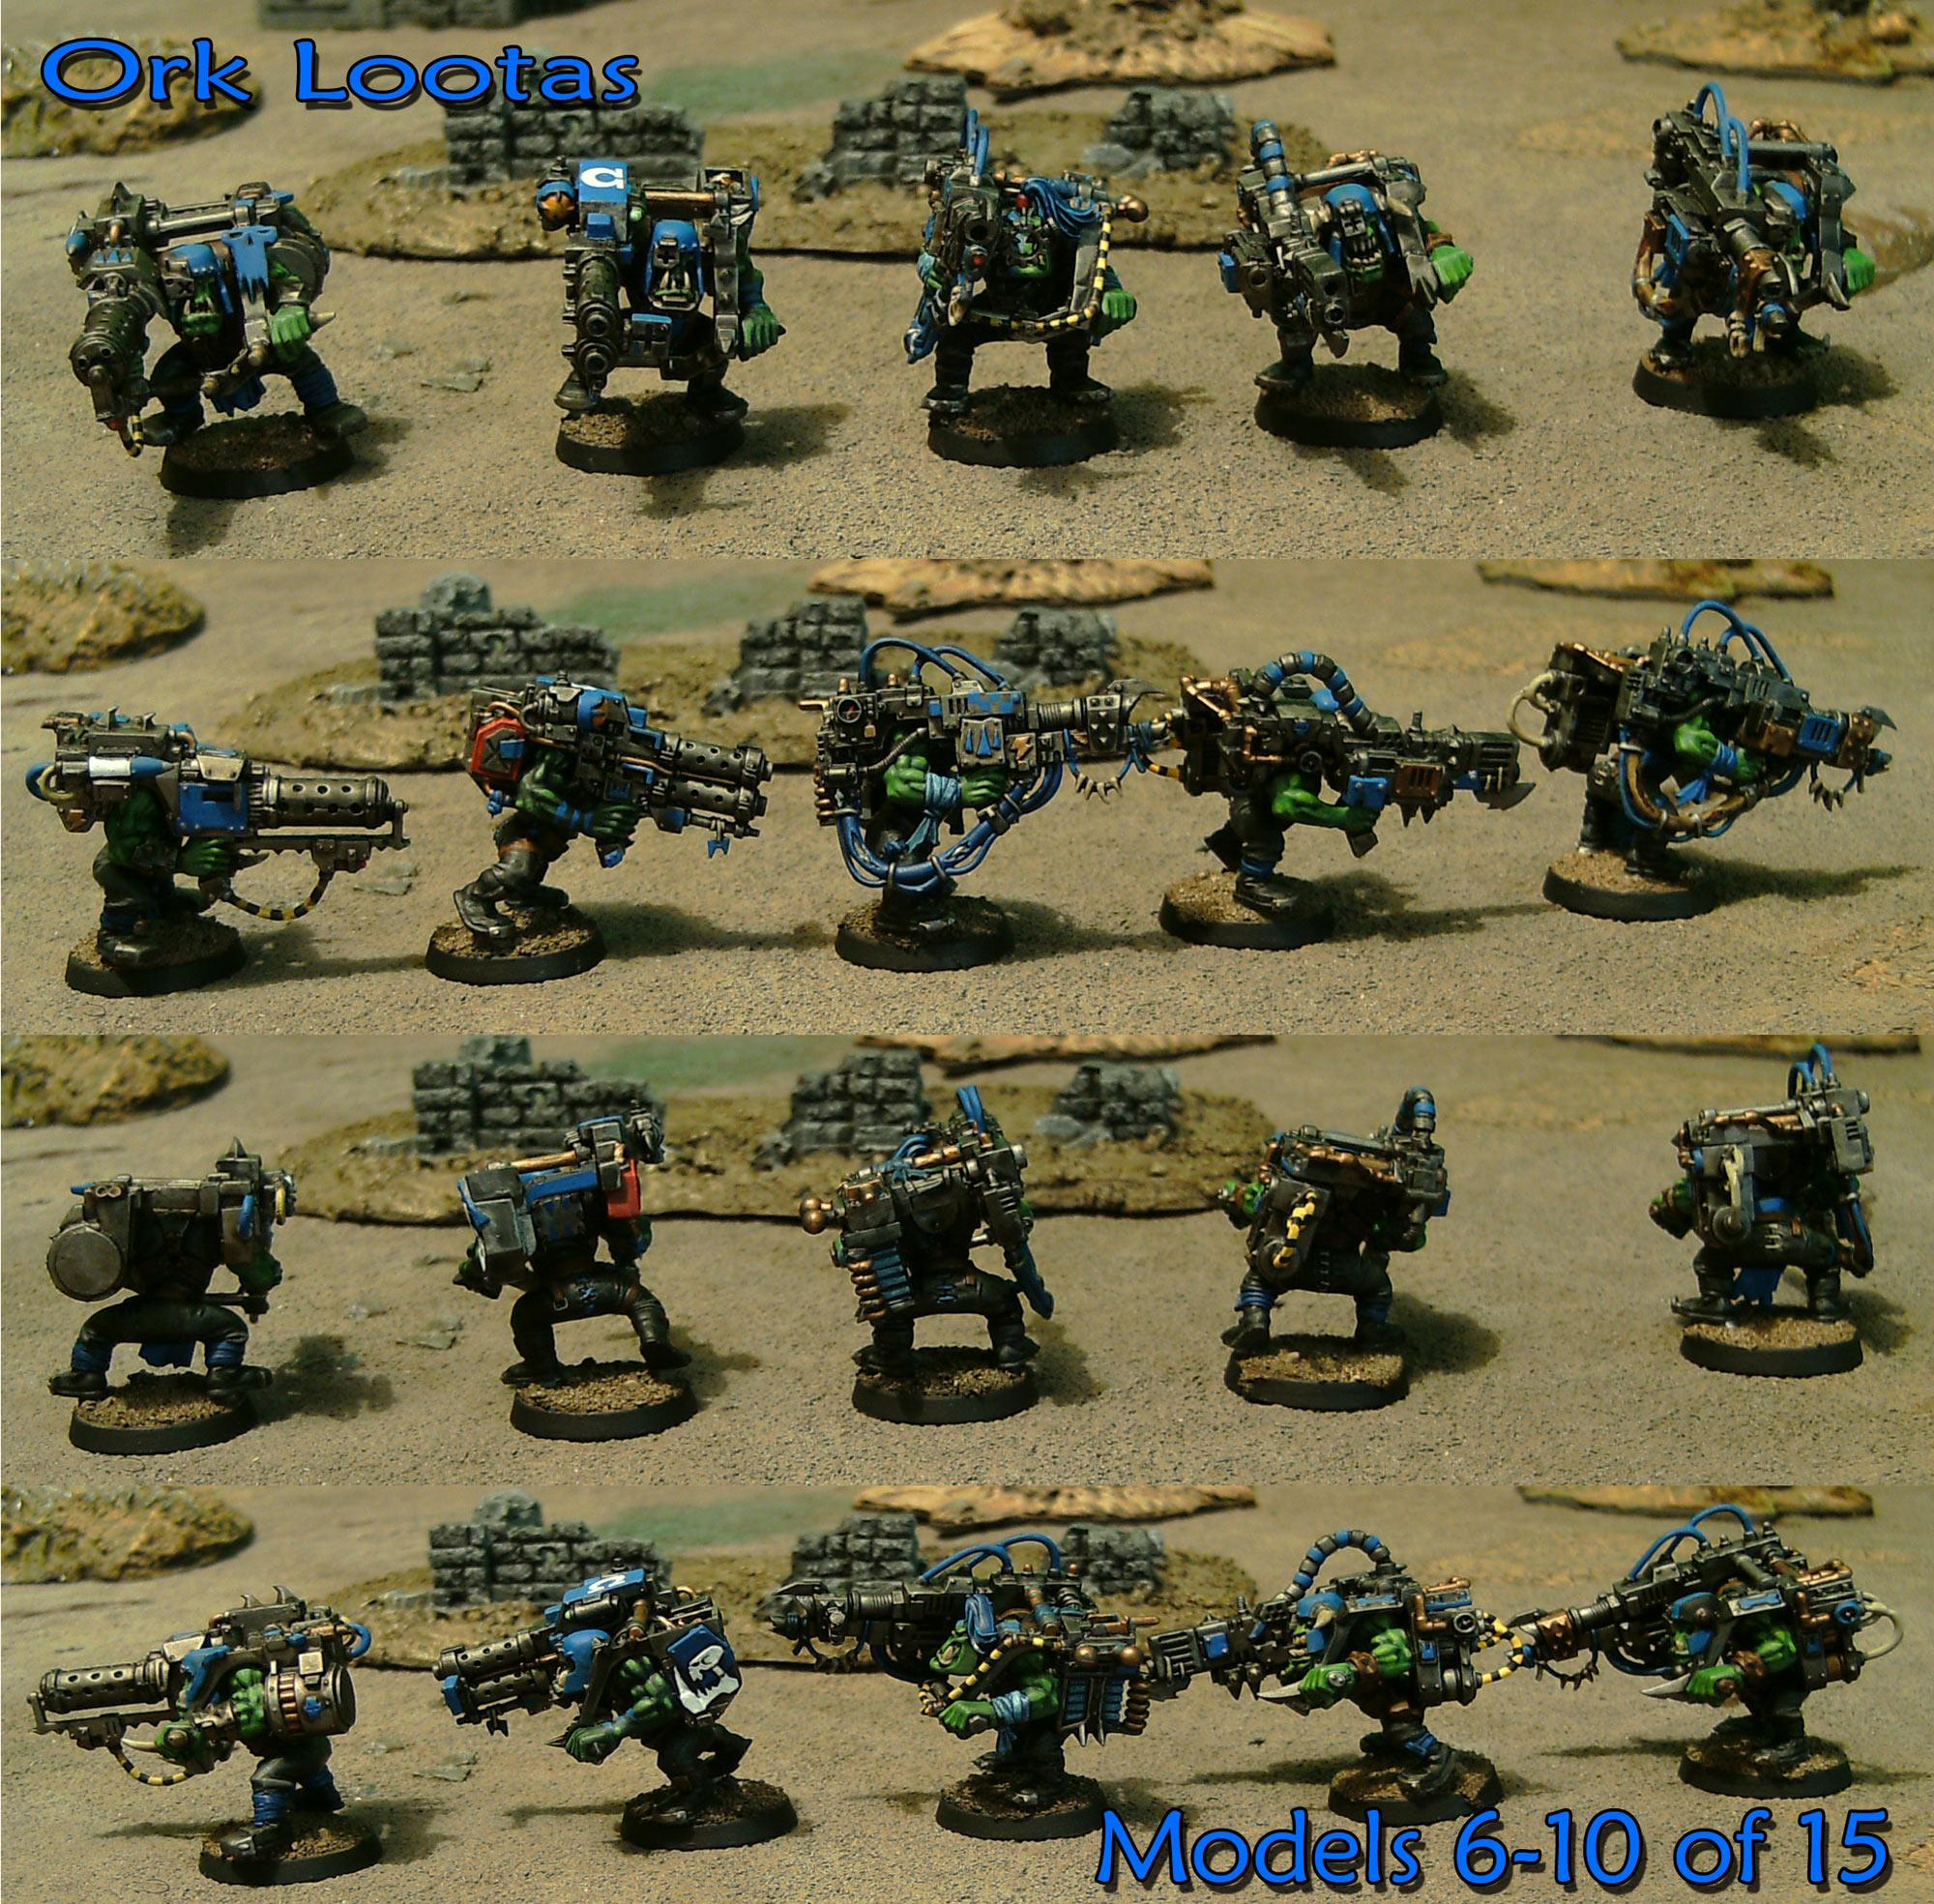 Deff Skulls, Deffskulls, Lootas, Orks, Ouze, Warhammer 40,000